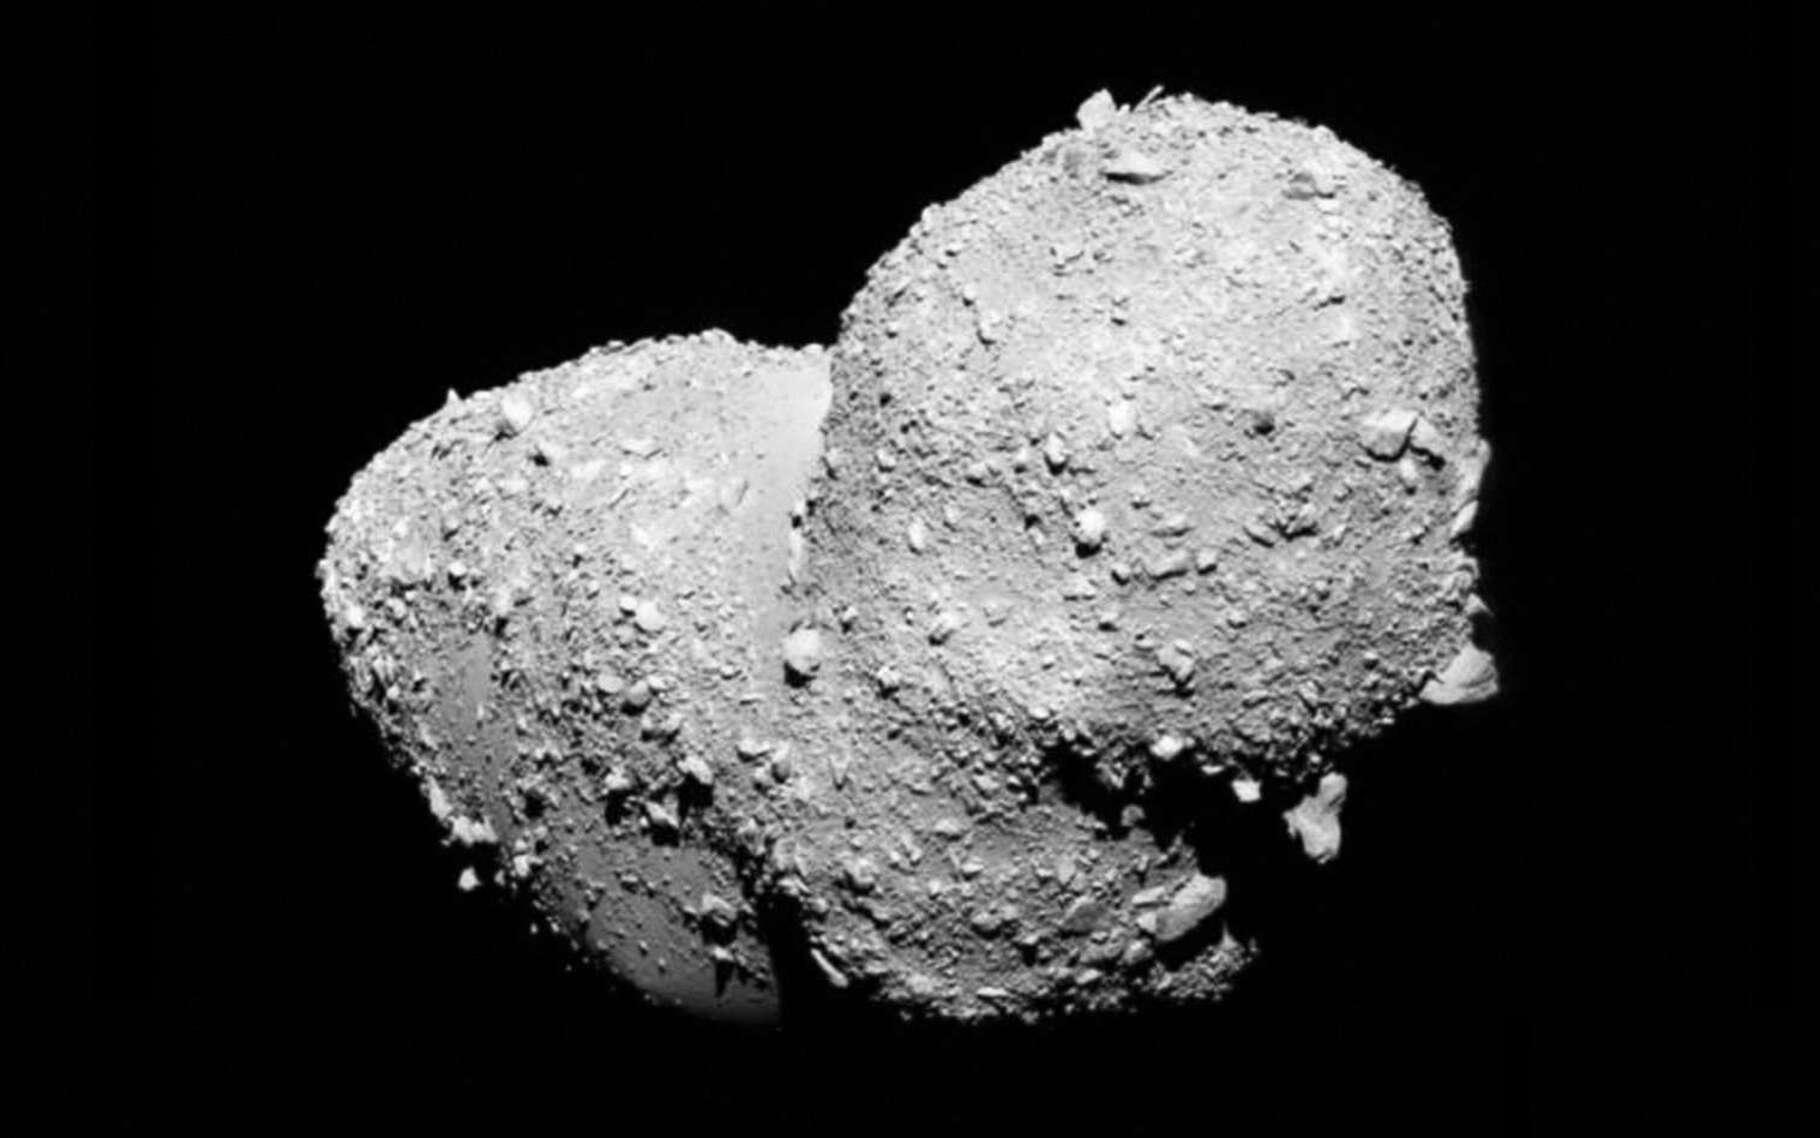 Le Luxembourg est en route vers l'exploitation minière des astéroïdes. Ici, l'astéroïde bilobé en forme de cacahuète, Itokawa, imagé en 2005 par la sonde japonaise Hayabusa venue l'épier. © Jaxa